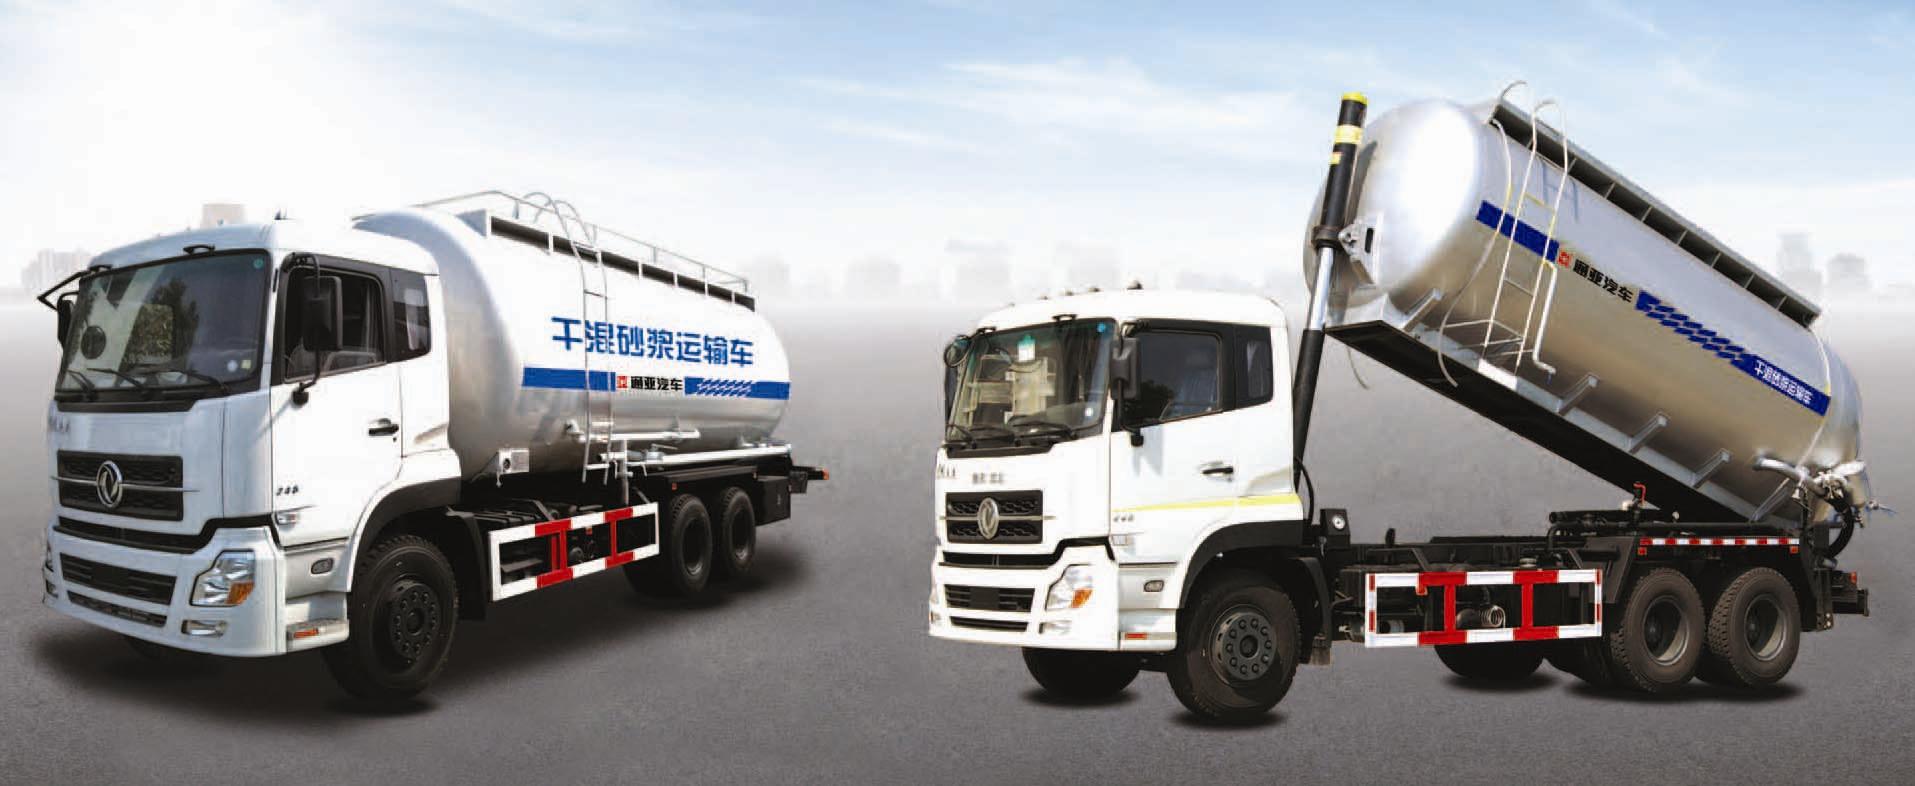 通亚汽车CTY5250GGHDFL干混砂浆成套设备高清图 - 外观